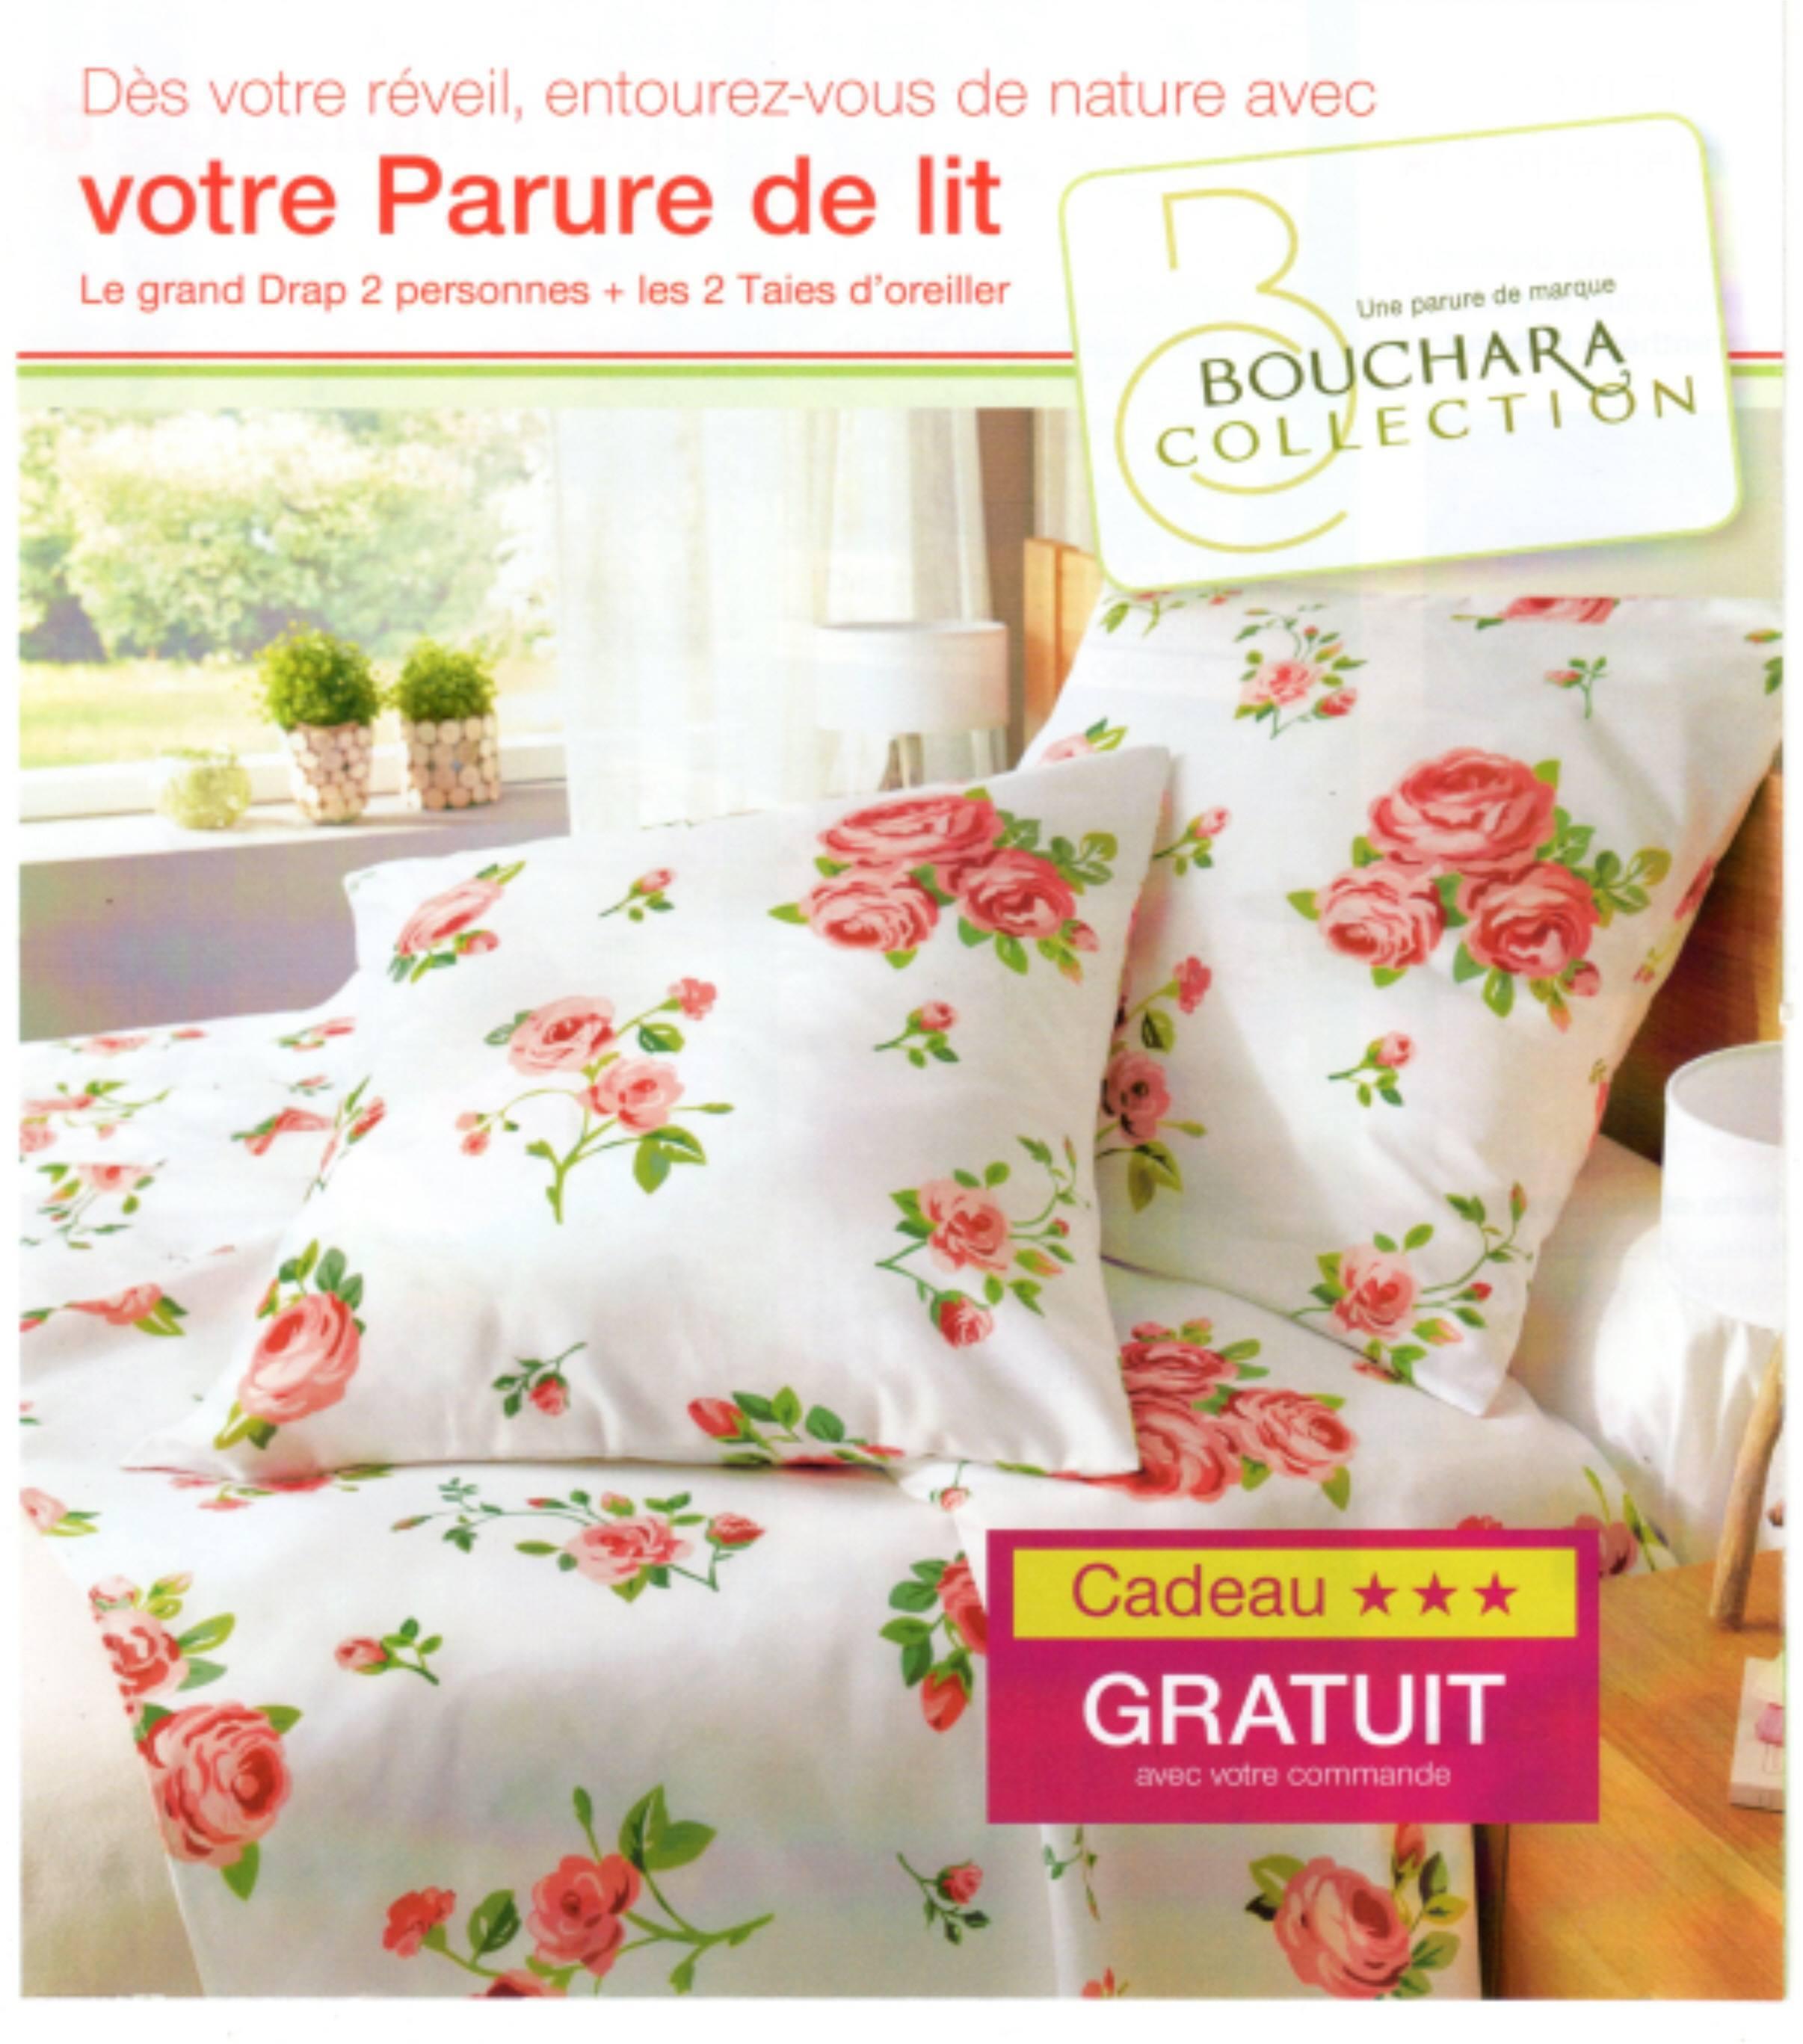 damart cadeau parure de lit bouchara 40 sur votre 1er article fpp. Black Bedroom Furniture Sets. Home Design Ideas